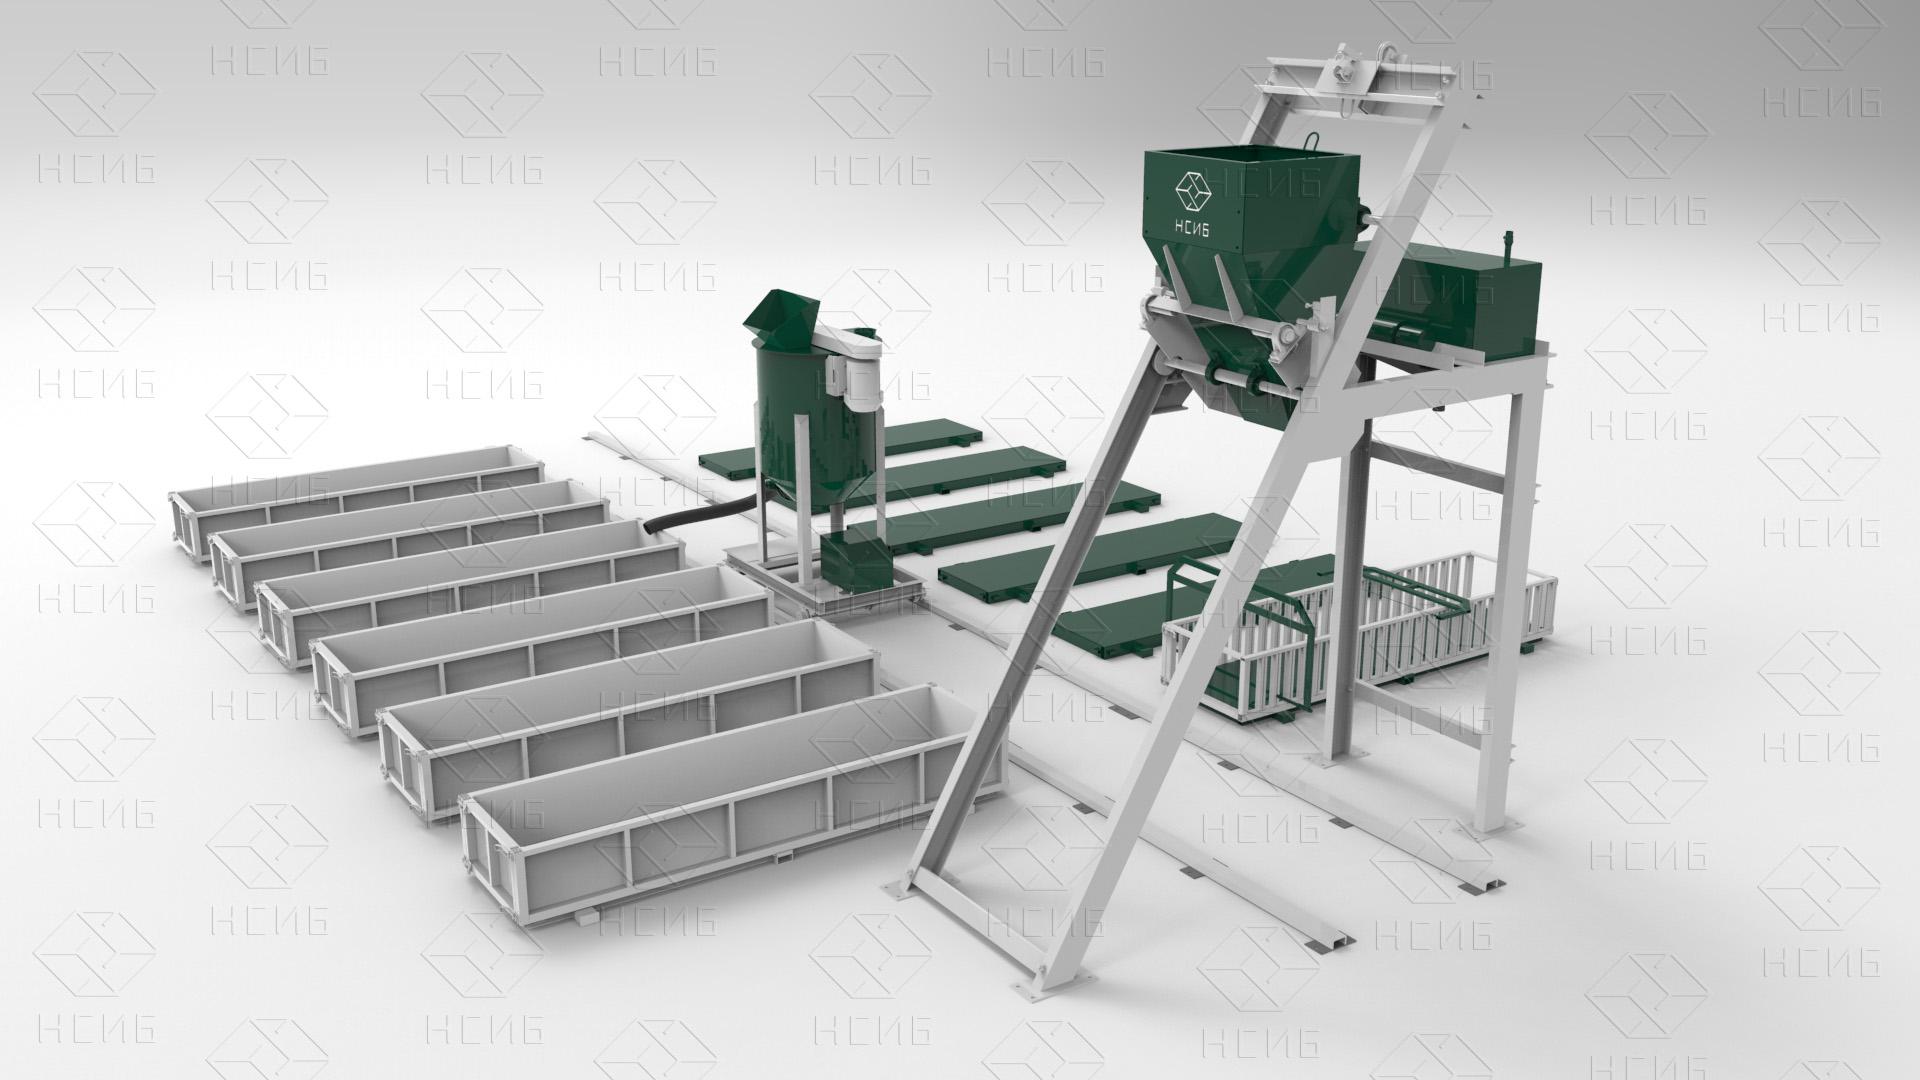 №20572 Оборудование для производства газобетона, пенобетона, полистирол бетона. НСИБ